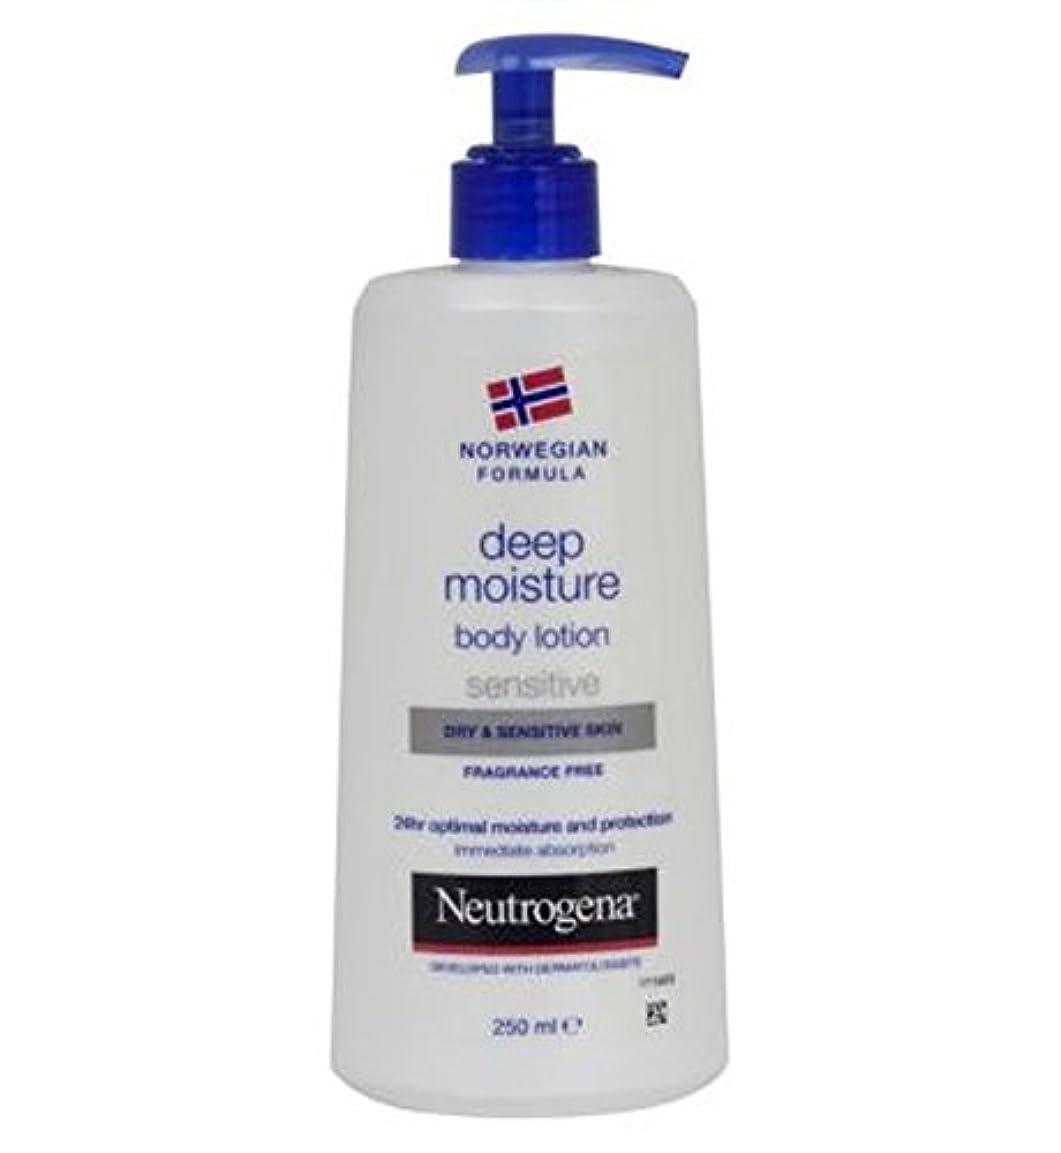 擁する誕生日気楽なNeutrogena Norwegian Formula Deep Moistuire Body Lotion Sensitive For Dry & Sensitive Skin 250ml - ドライ&敏感肌用250...